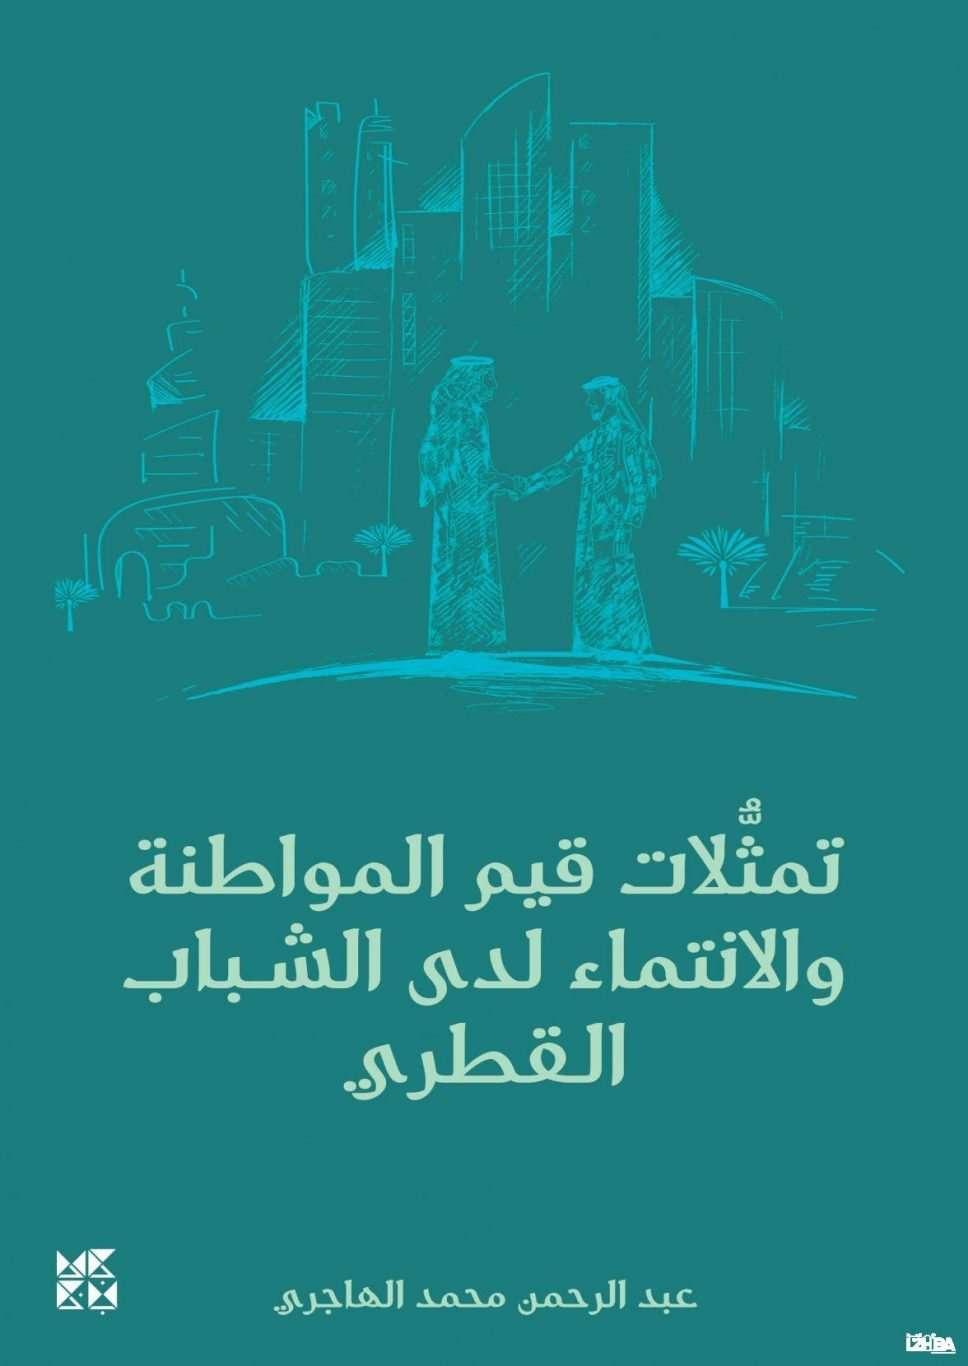 تمثلات قيم المواطنة والانتماء لدى الشباب القطري